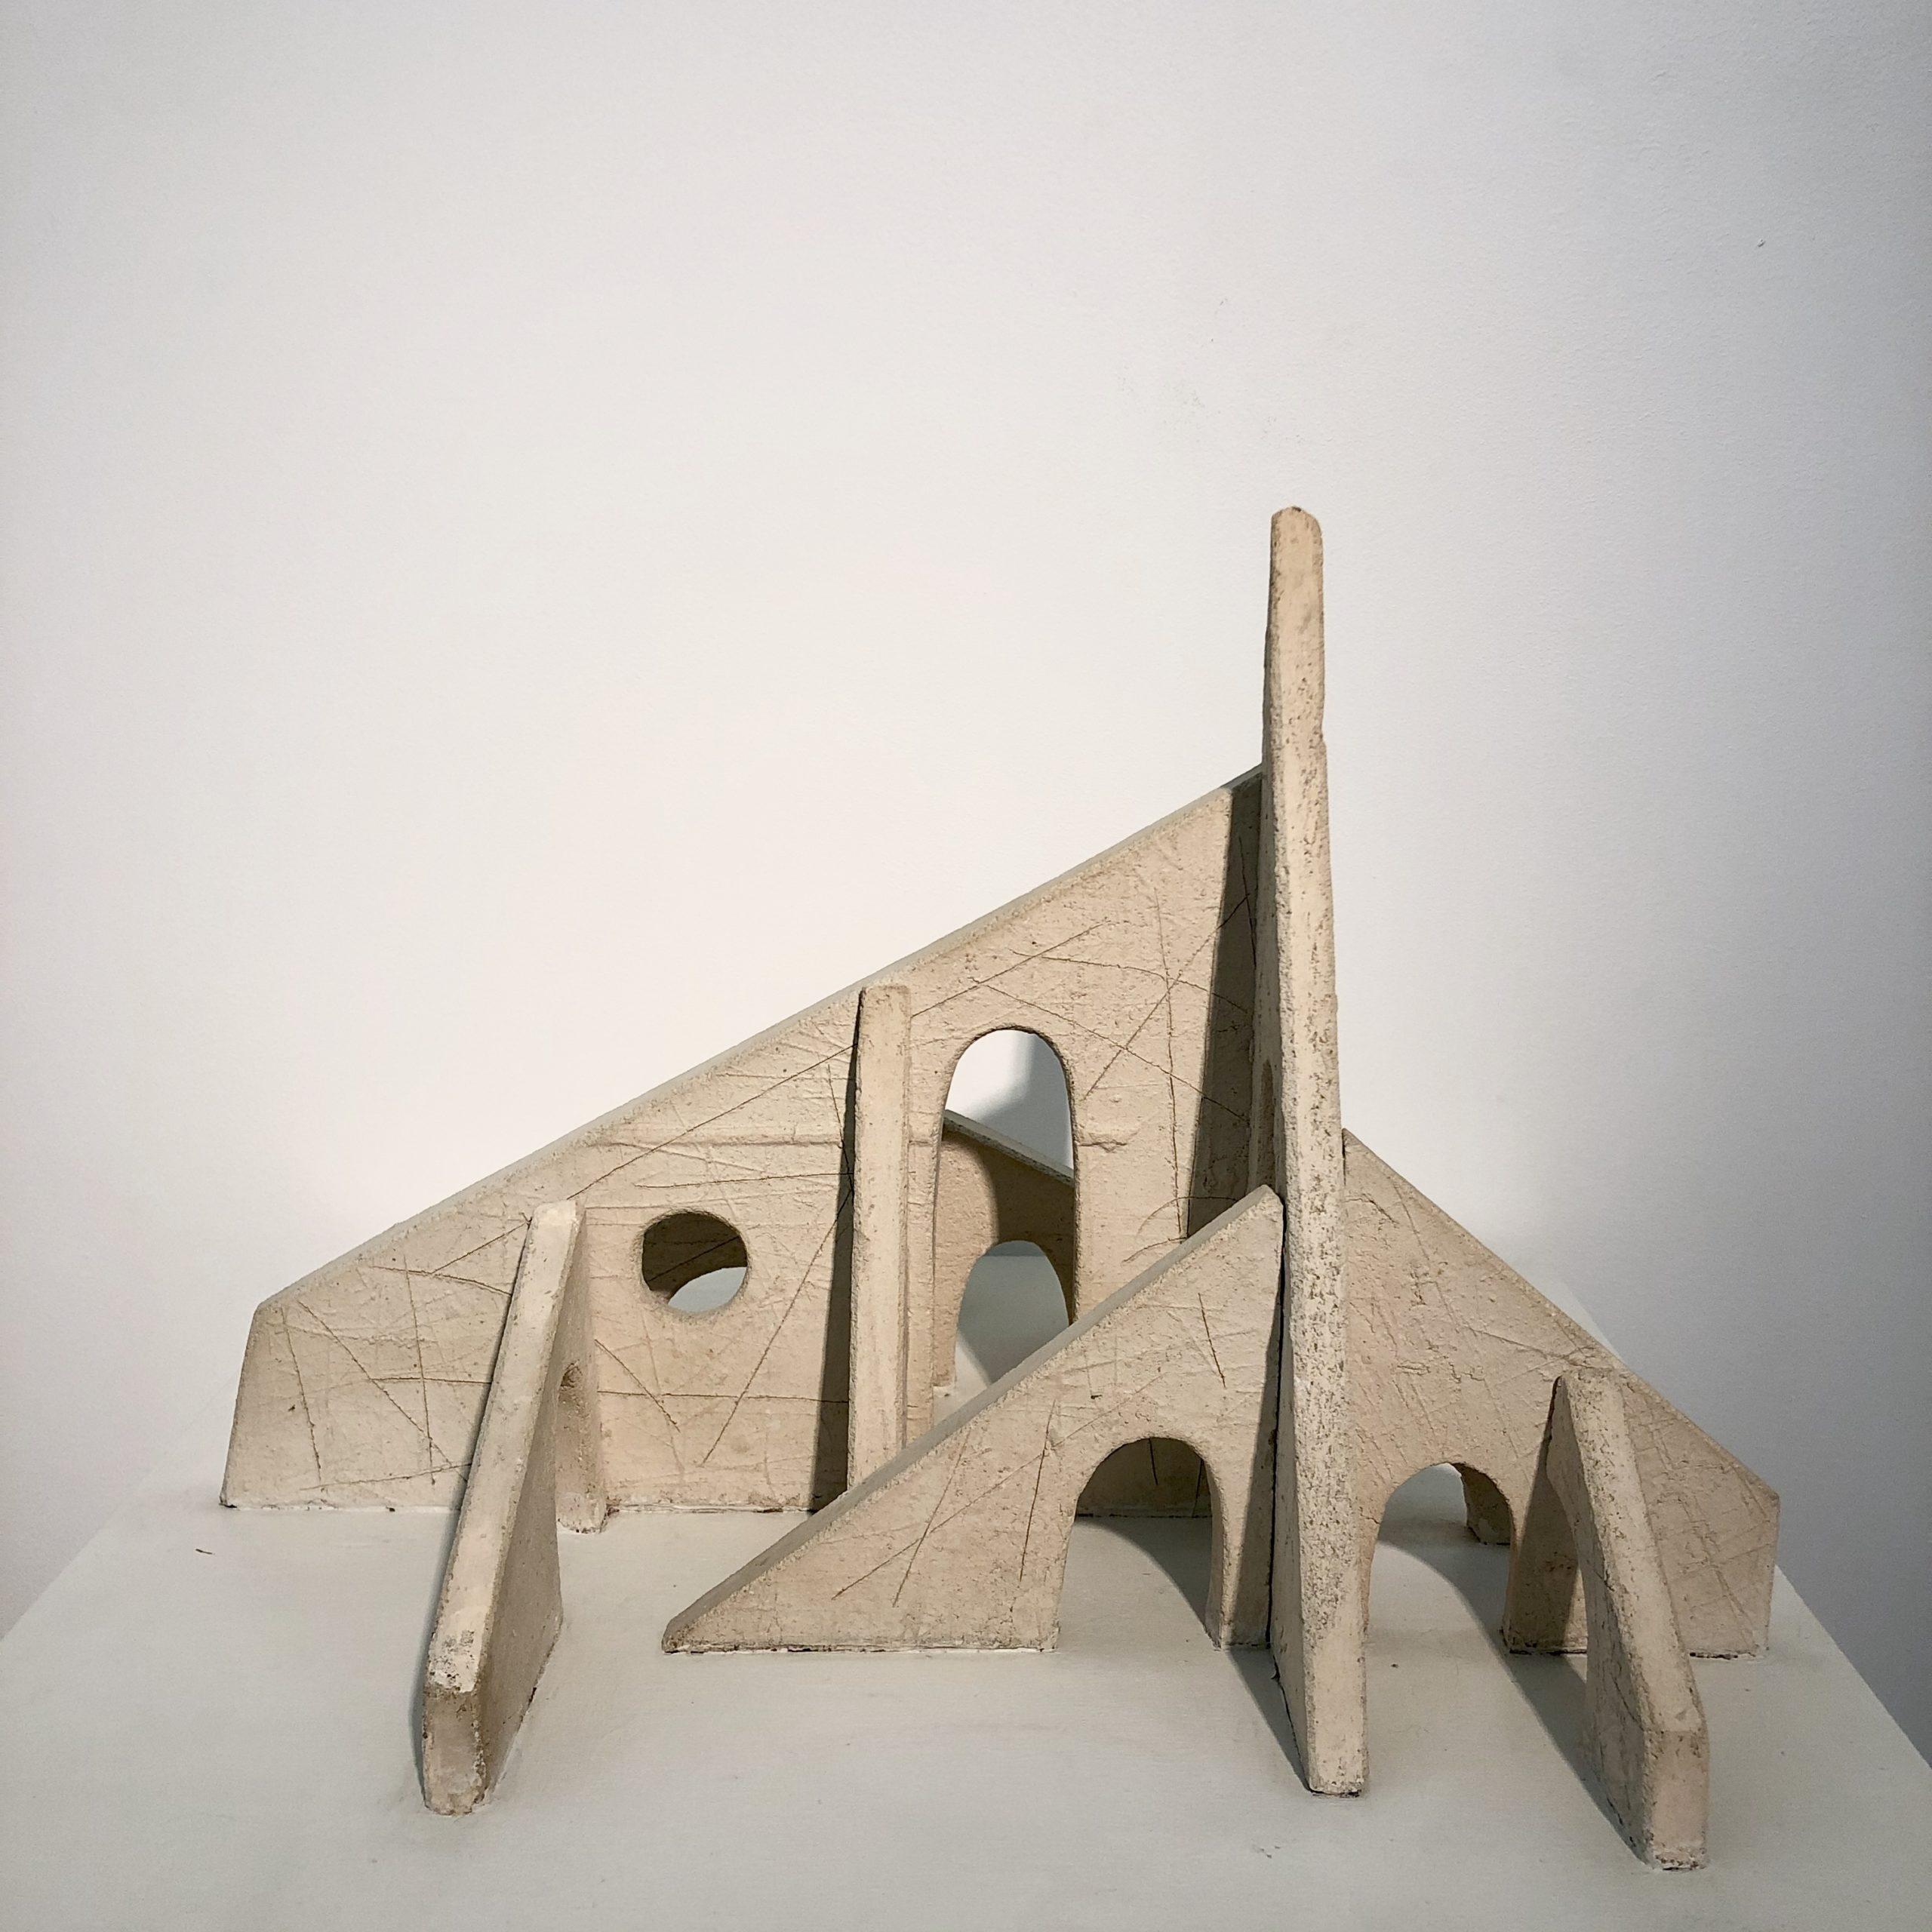 ALETH-MASSON-Maquette-archi-3-1